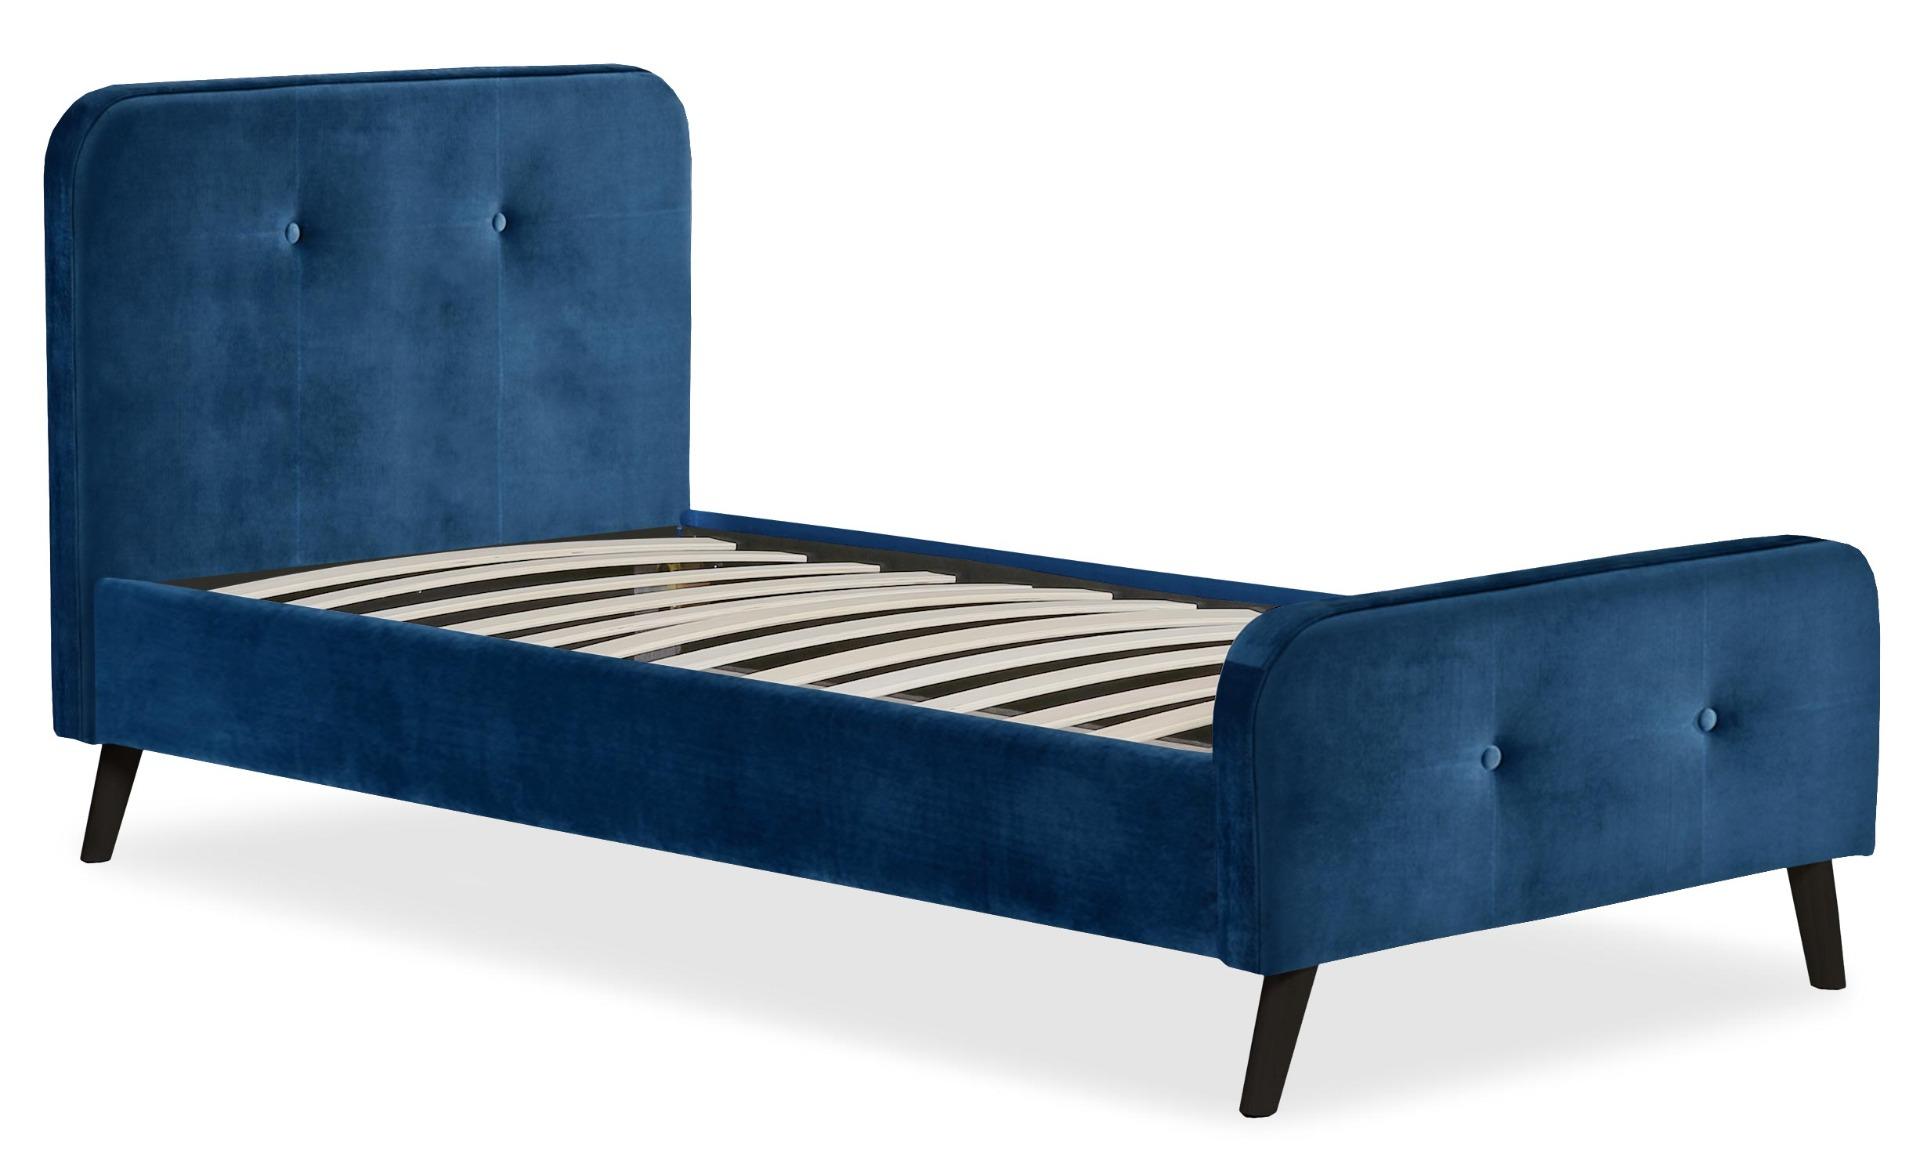 Delano Skandinavisches Bett mit Kopfteil und Lattenrost 90x190cm, Samtbezug Blau